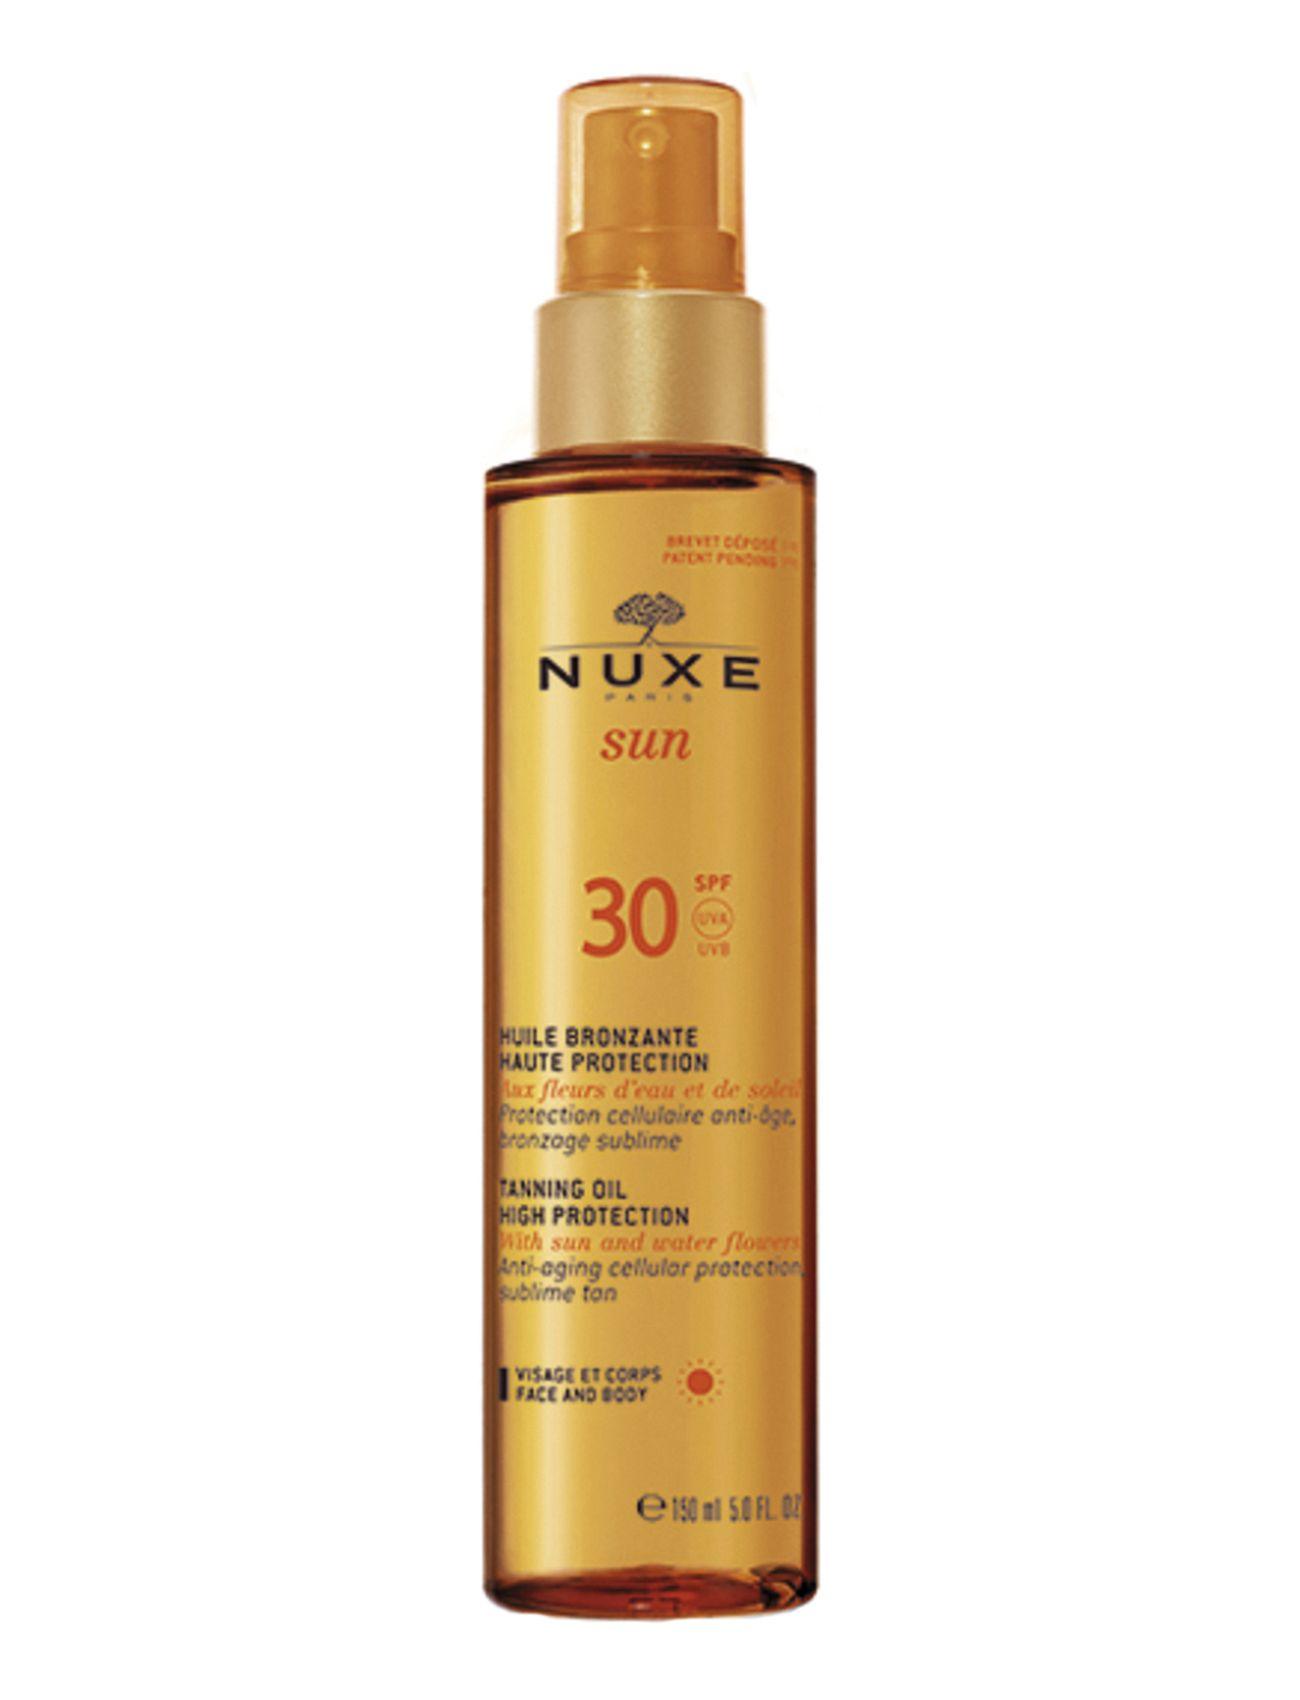 Tanning oil face & body spf30 fra nuxe på boozt.com dk